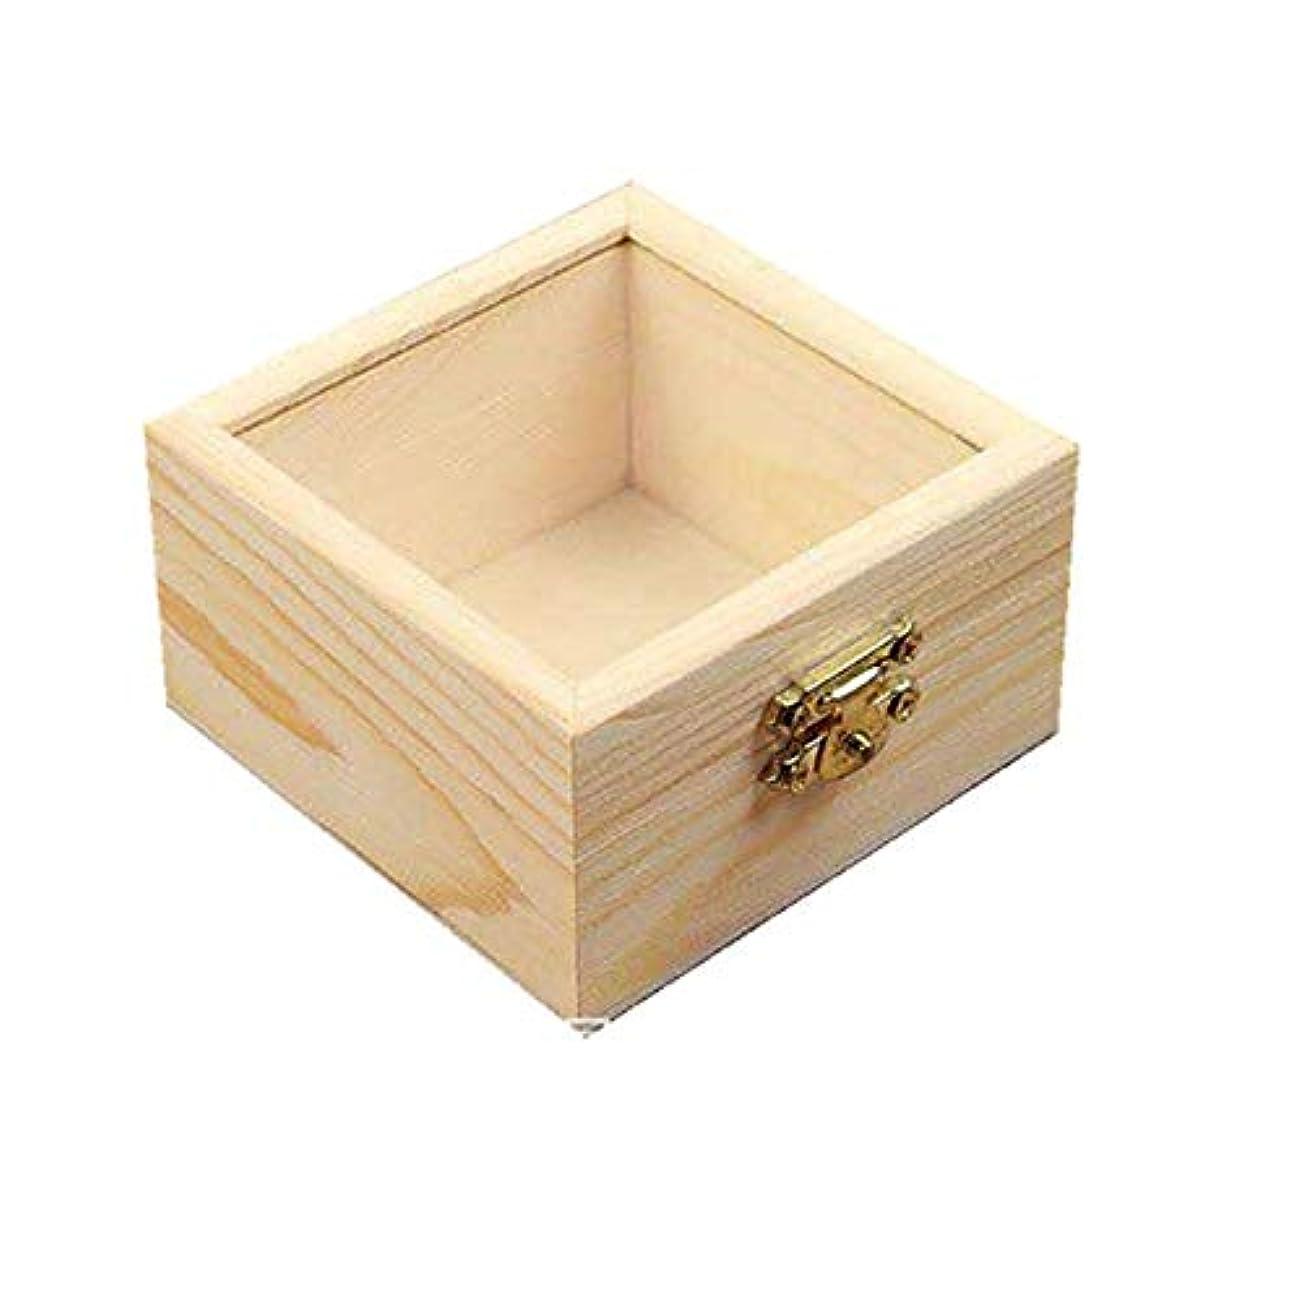 援助する害線形エッセンシャルオイルの保管 プレゼンテーション用木製エッセンシャルオイルボックスパーフェクトエッセンシャルオイルケース (色 : Natural, サイズ : 8.5X8.5X5CM)